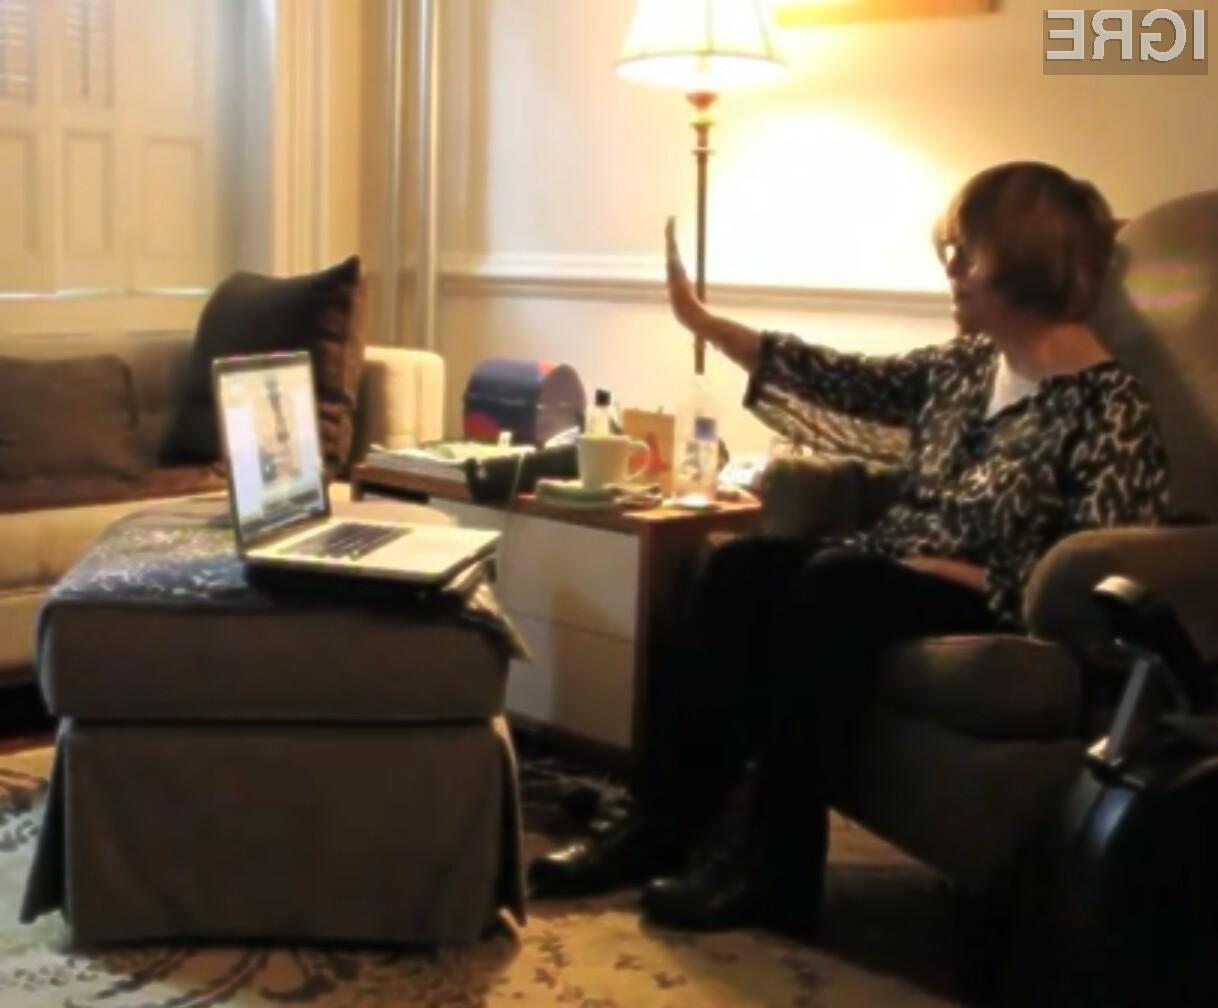 Microsoftov krmilni sistem Kinect lahko pripomore k izboljšanju kakovosti življenja ljudi z neozdravljivimi boleznimi.